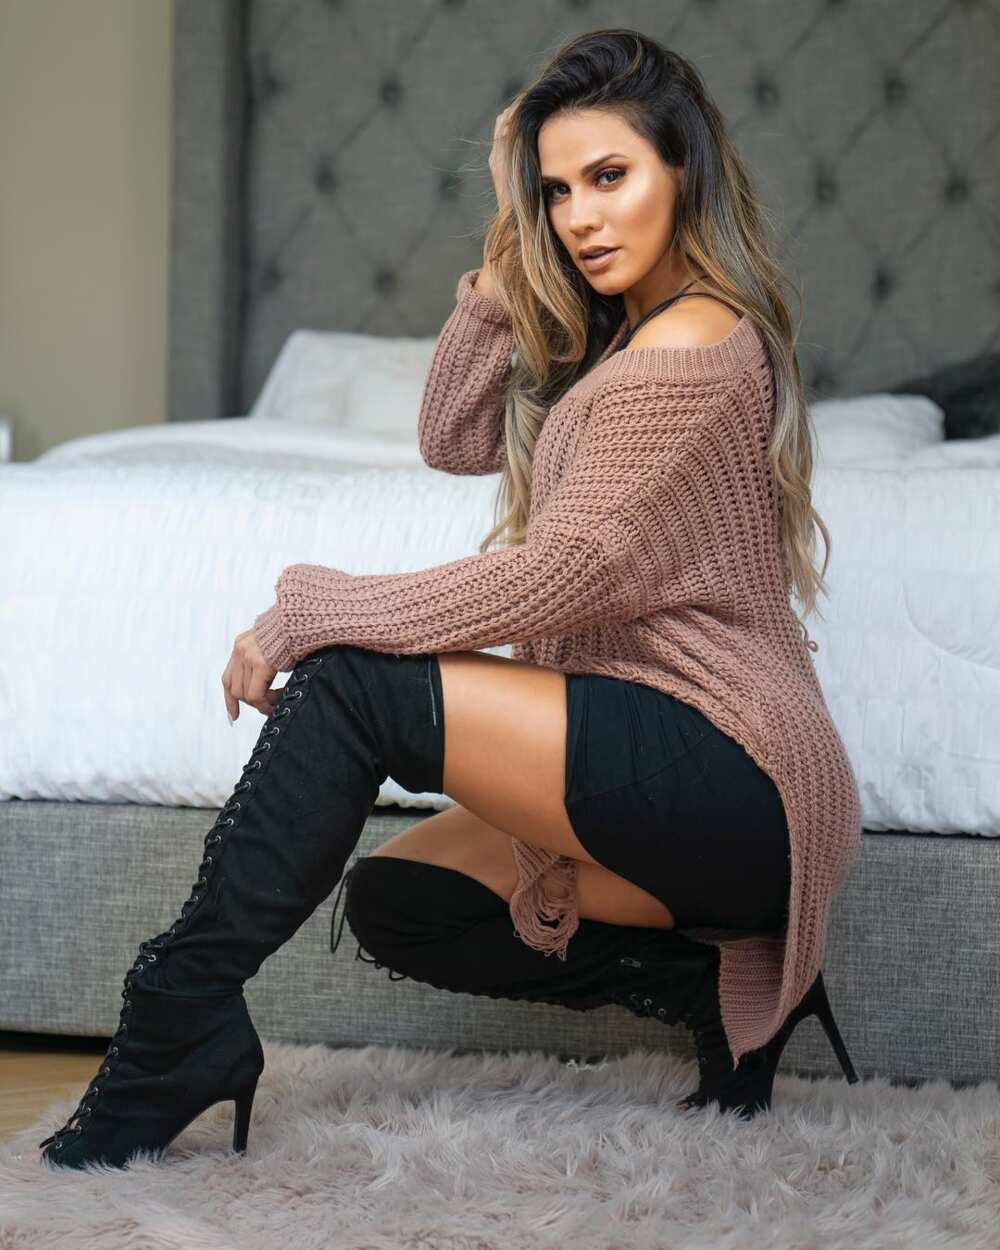 Andrea Espada